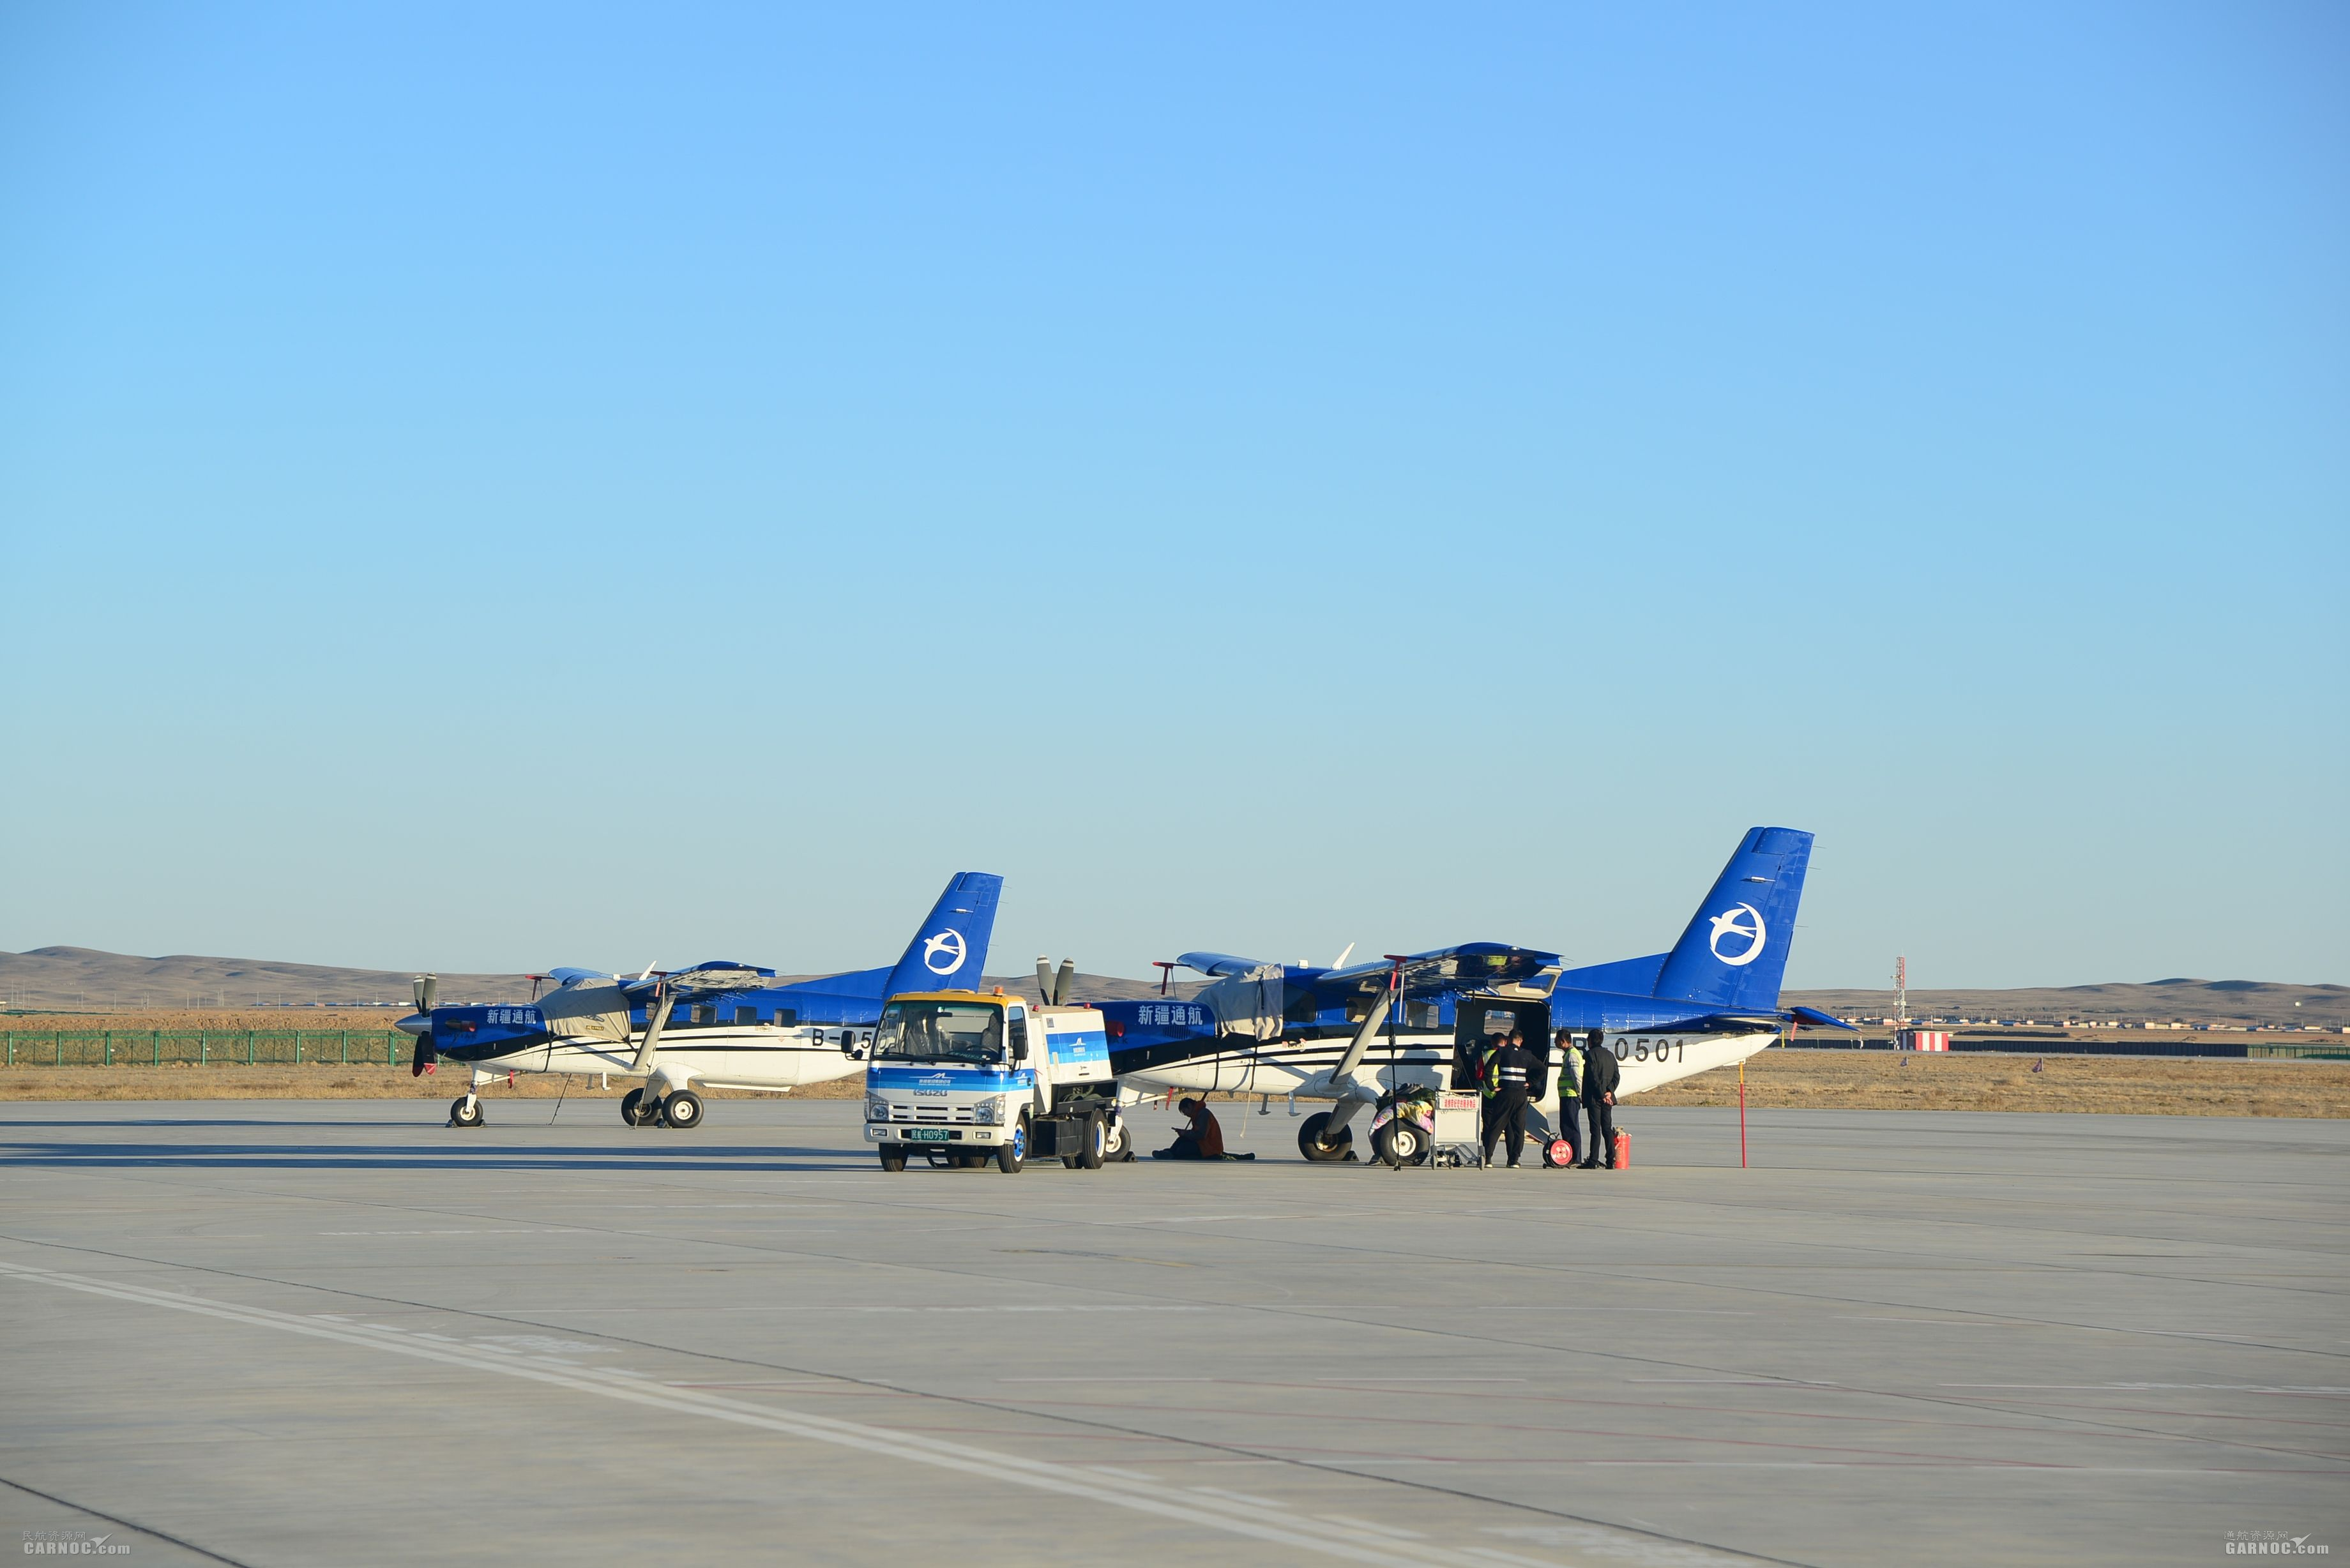 富蕴-喀纳斯航线国庆假期飞行10架次、运输29人